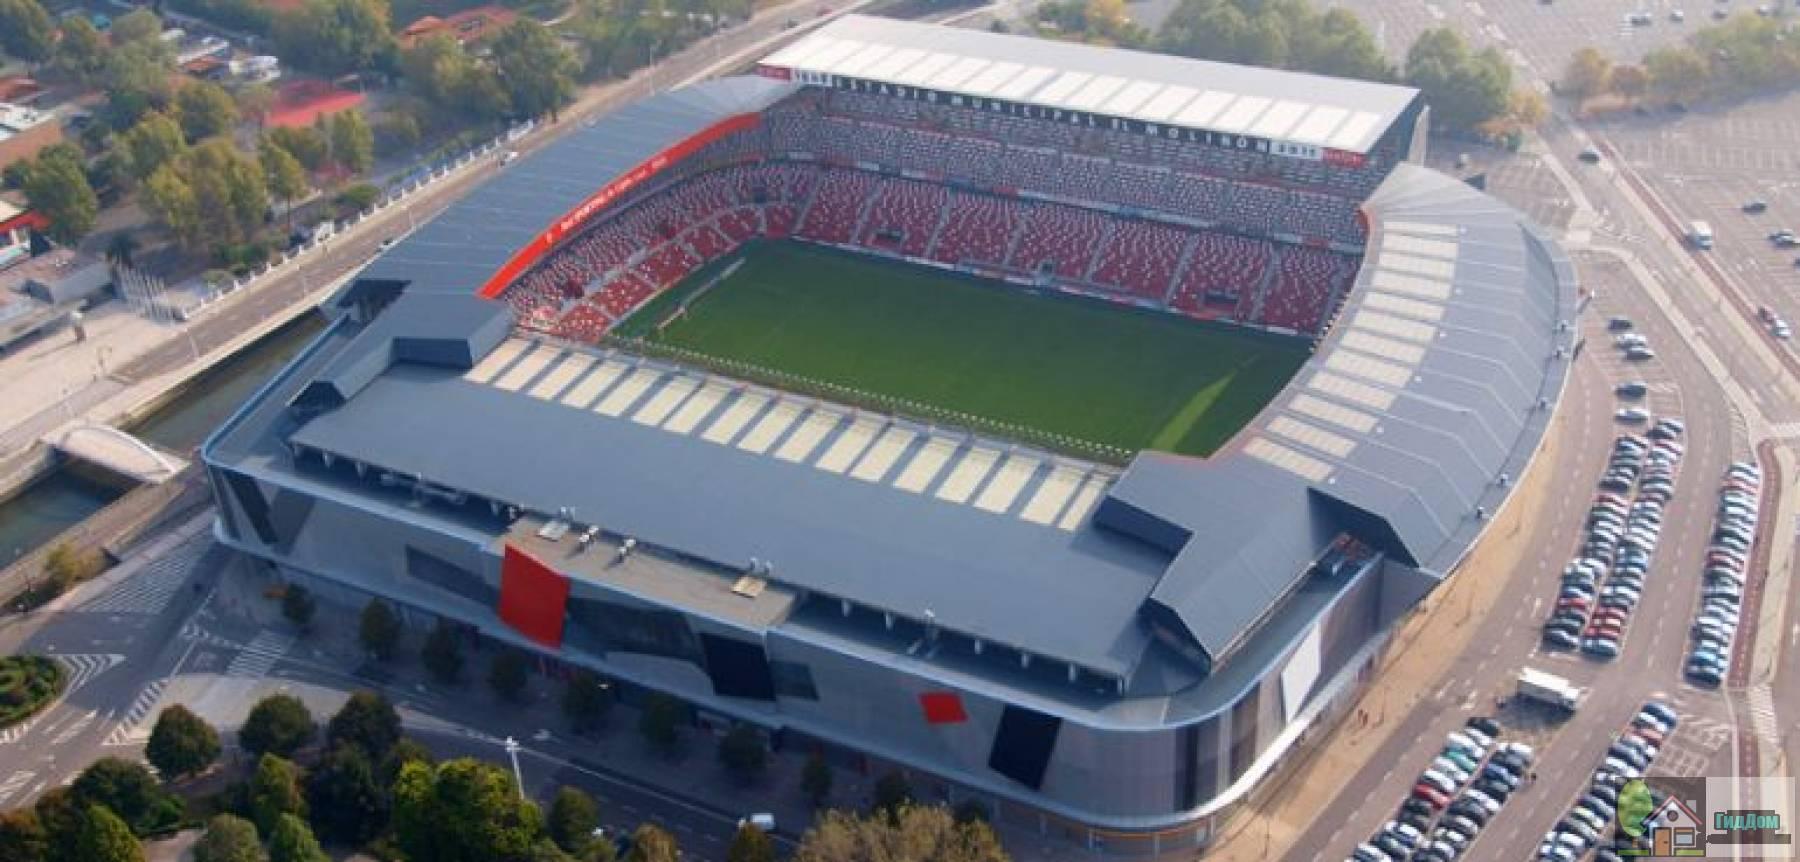 Стадион Эль-Молинон